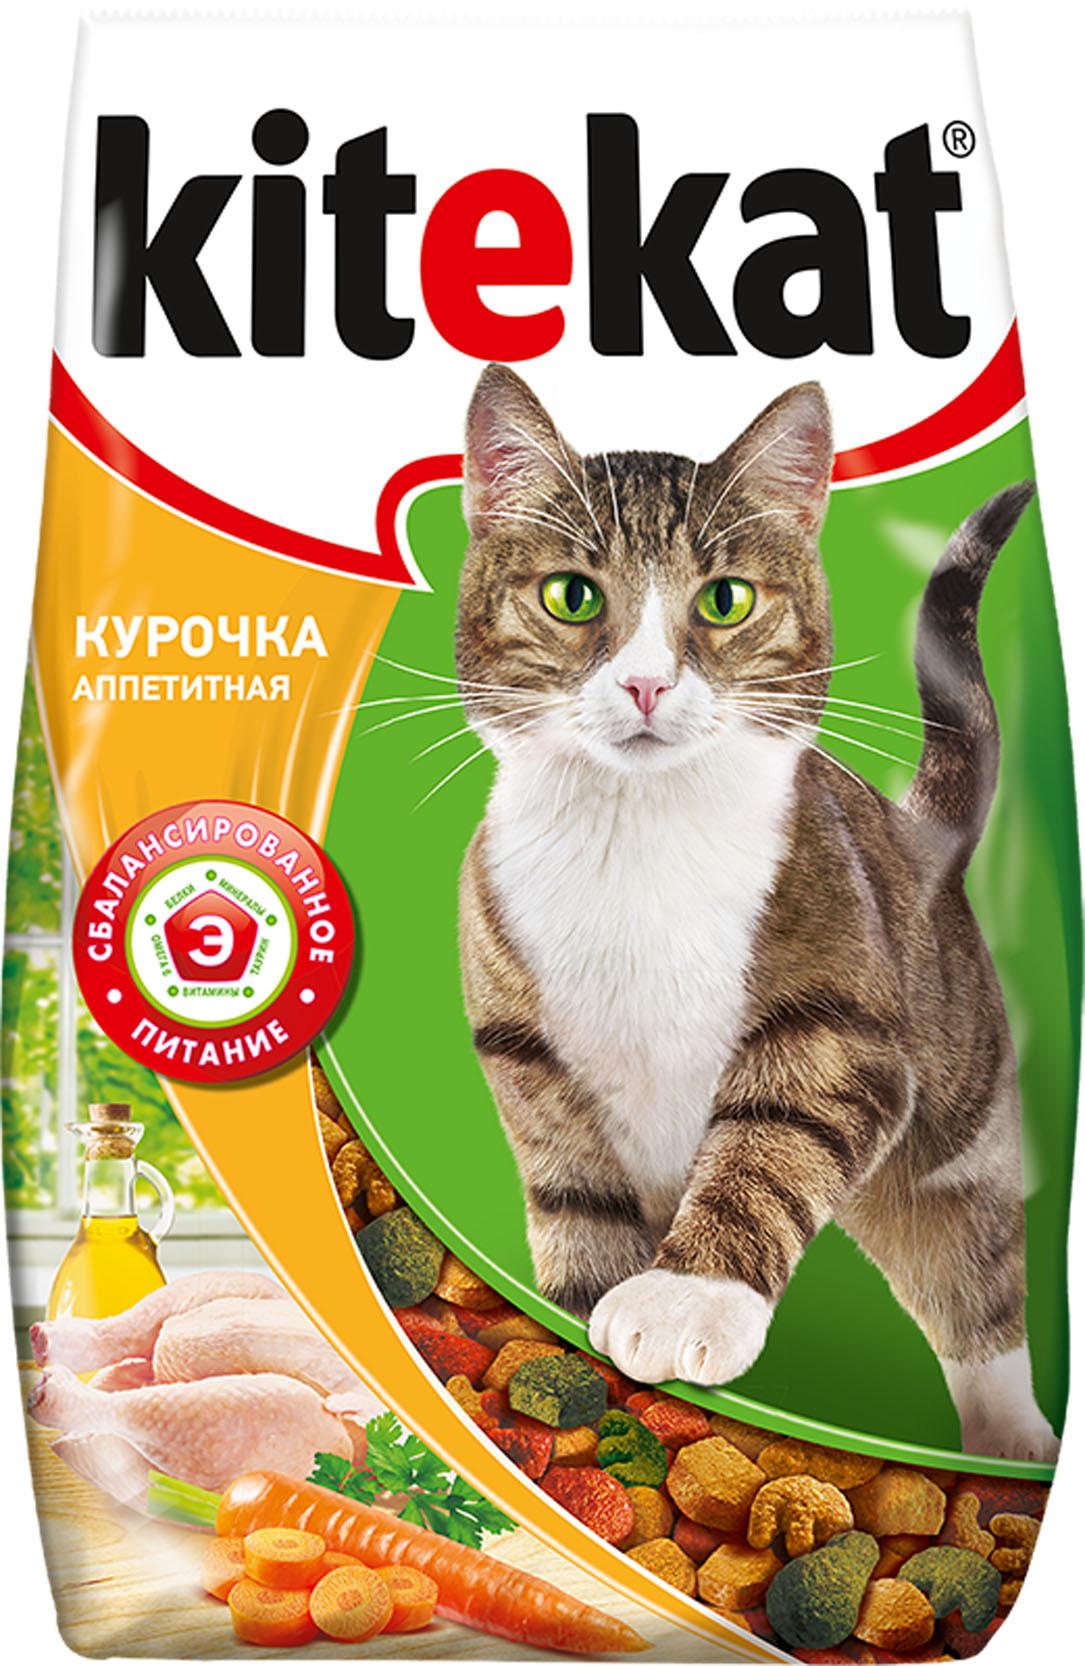 Корм сухой для кошек Kitekat, курочка аппетитная, 1,9 кг40431Сухой корм для взрослых кошек Kitekat - это специально разработанный рацион с оптимально сбалансированным содержанием белков, витаминов и микроэлементов. Уникальная формула Kitekat включает в себя все необходимые для здоровья компоненты: - белки - для поддержания мышечного тонуса, силы и энергии; - жирные кислоты - для здоровой кожи и блестящей шерсти; - кальций, фосфор, витамин D - для крепости костей и зубов; - таурин - для остроты зрения и стабильной работы сердца; - витамины и минералы, натуральные волокна - для хорошего пищеварения, правильного обмена веществ, укрепления здоровья.Товар сертифицирован.